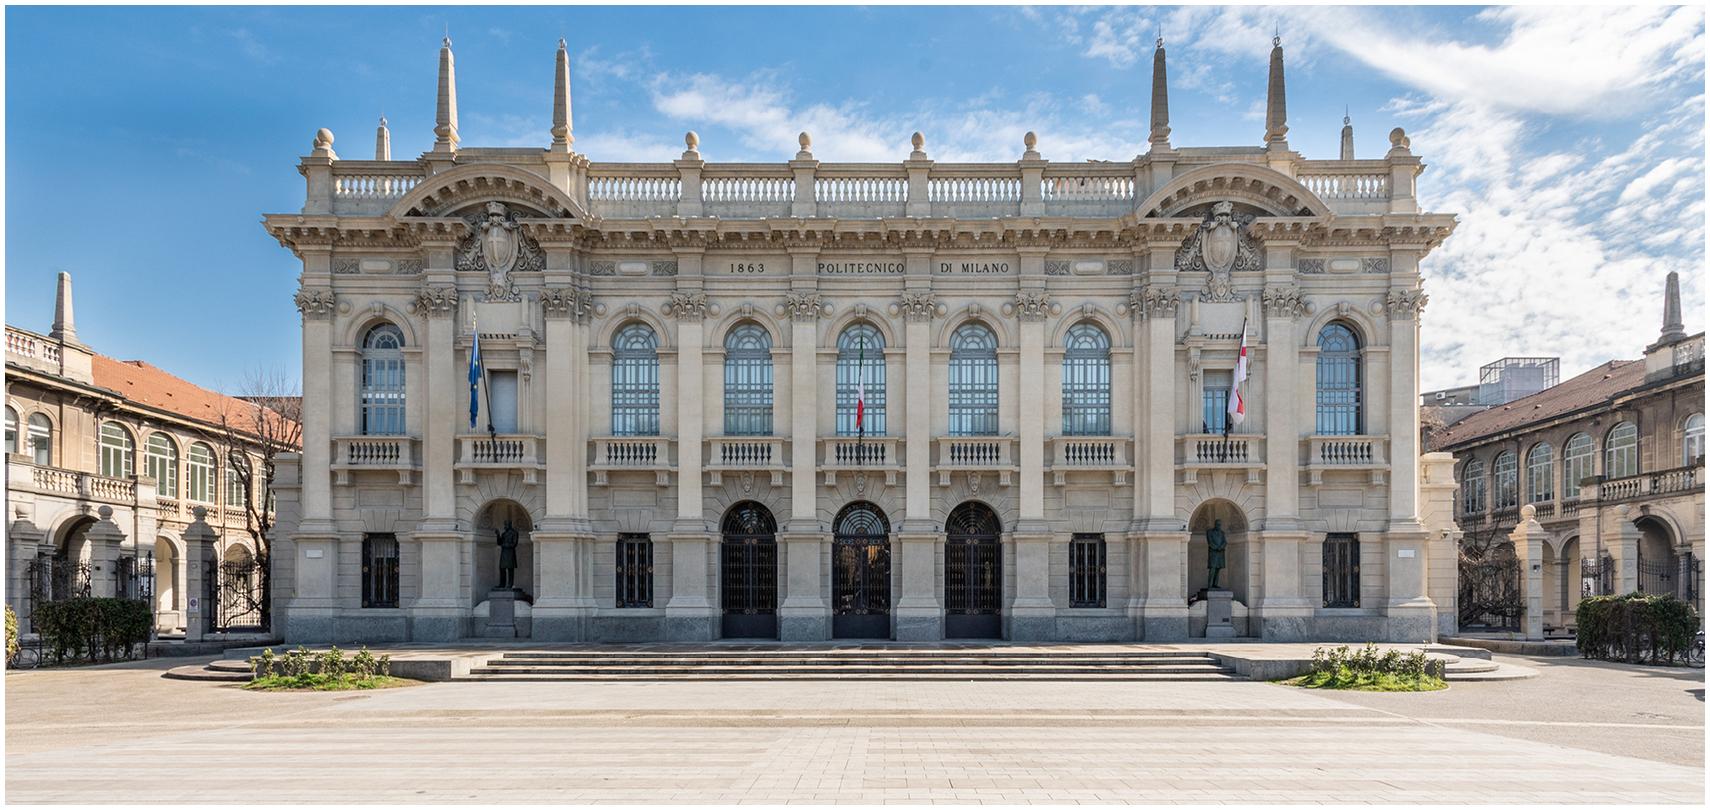 architecture: Politecnico di Milano